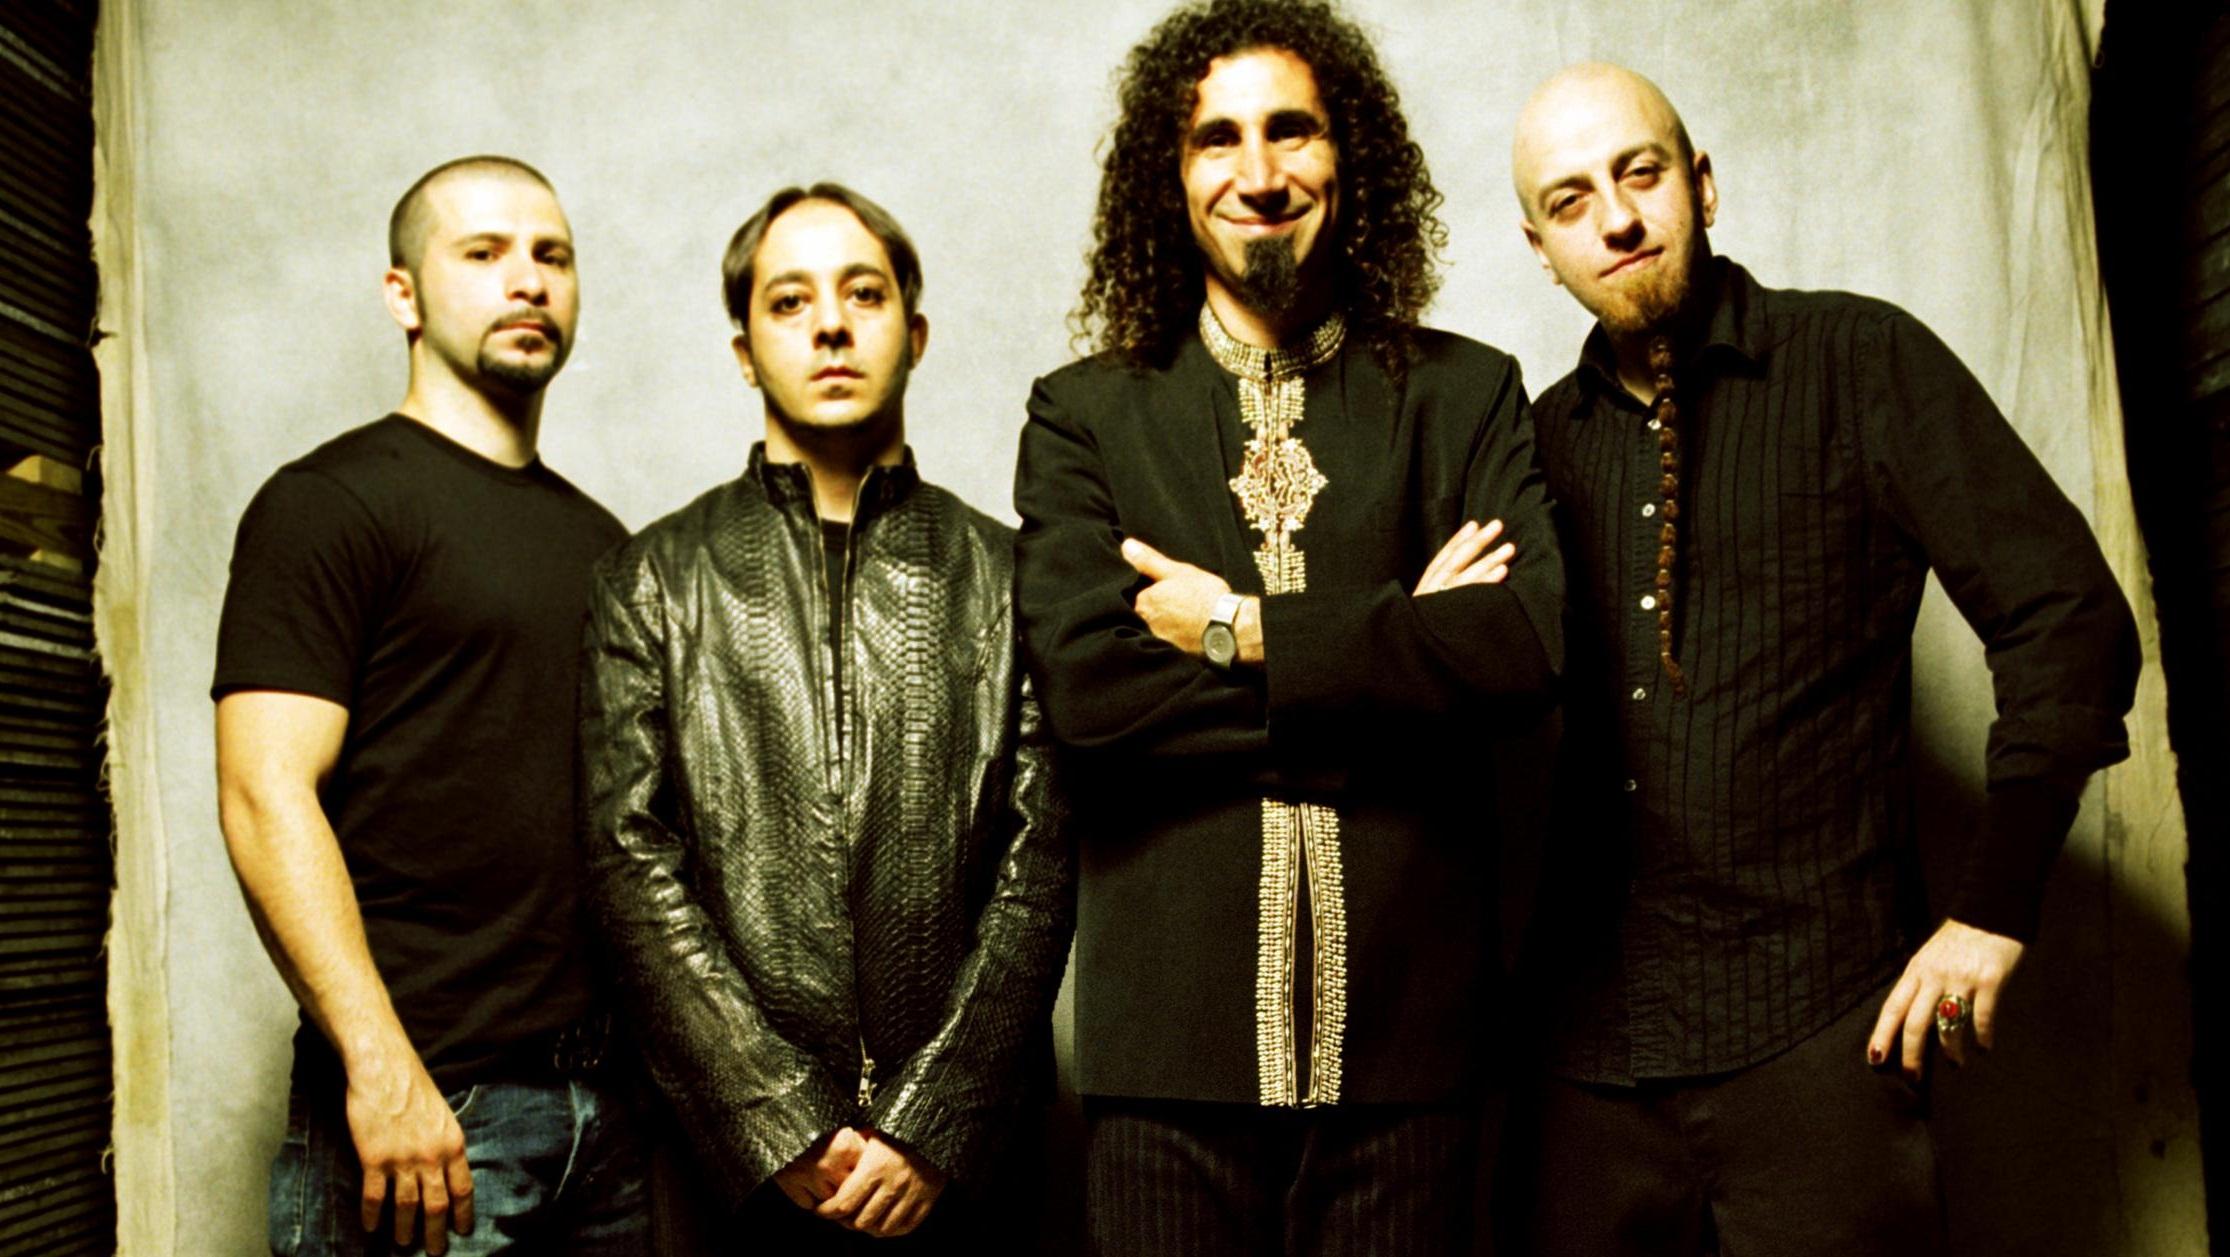 System of a Down (SOAD) — американская рок-группа, образованная в 1992 году в Лос-Анджелесе Сержем Танкяном и Дароном Малакяном